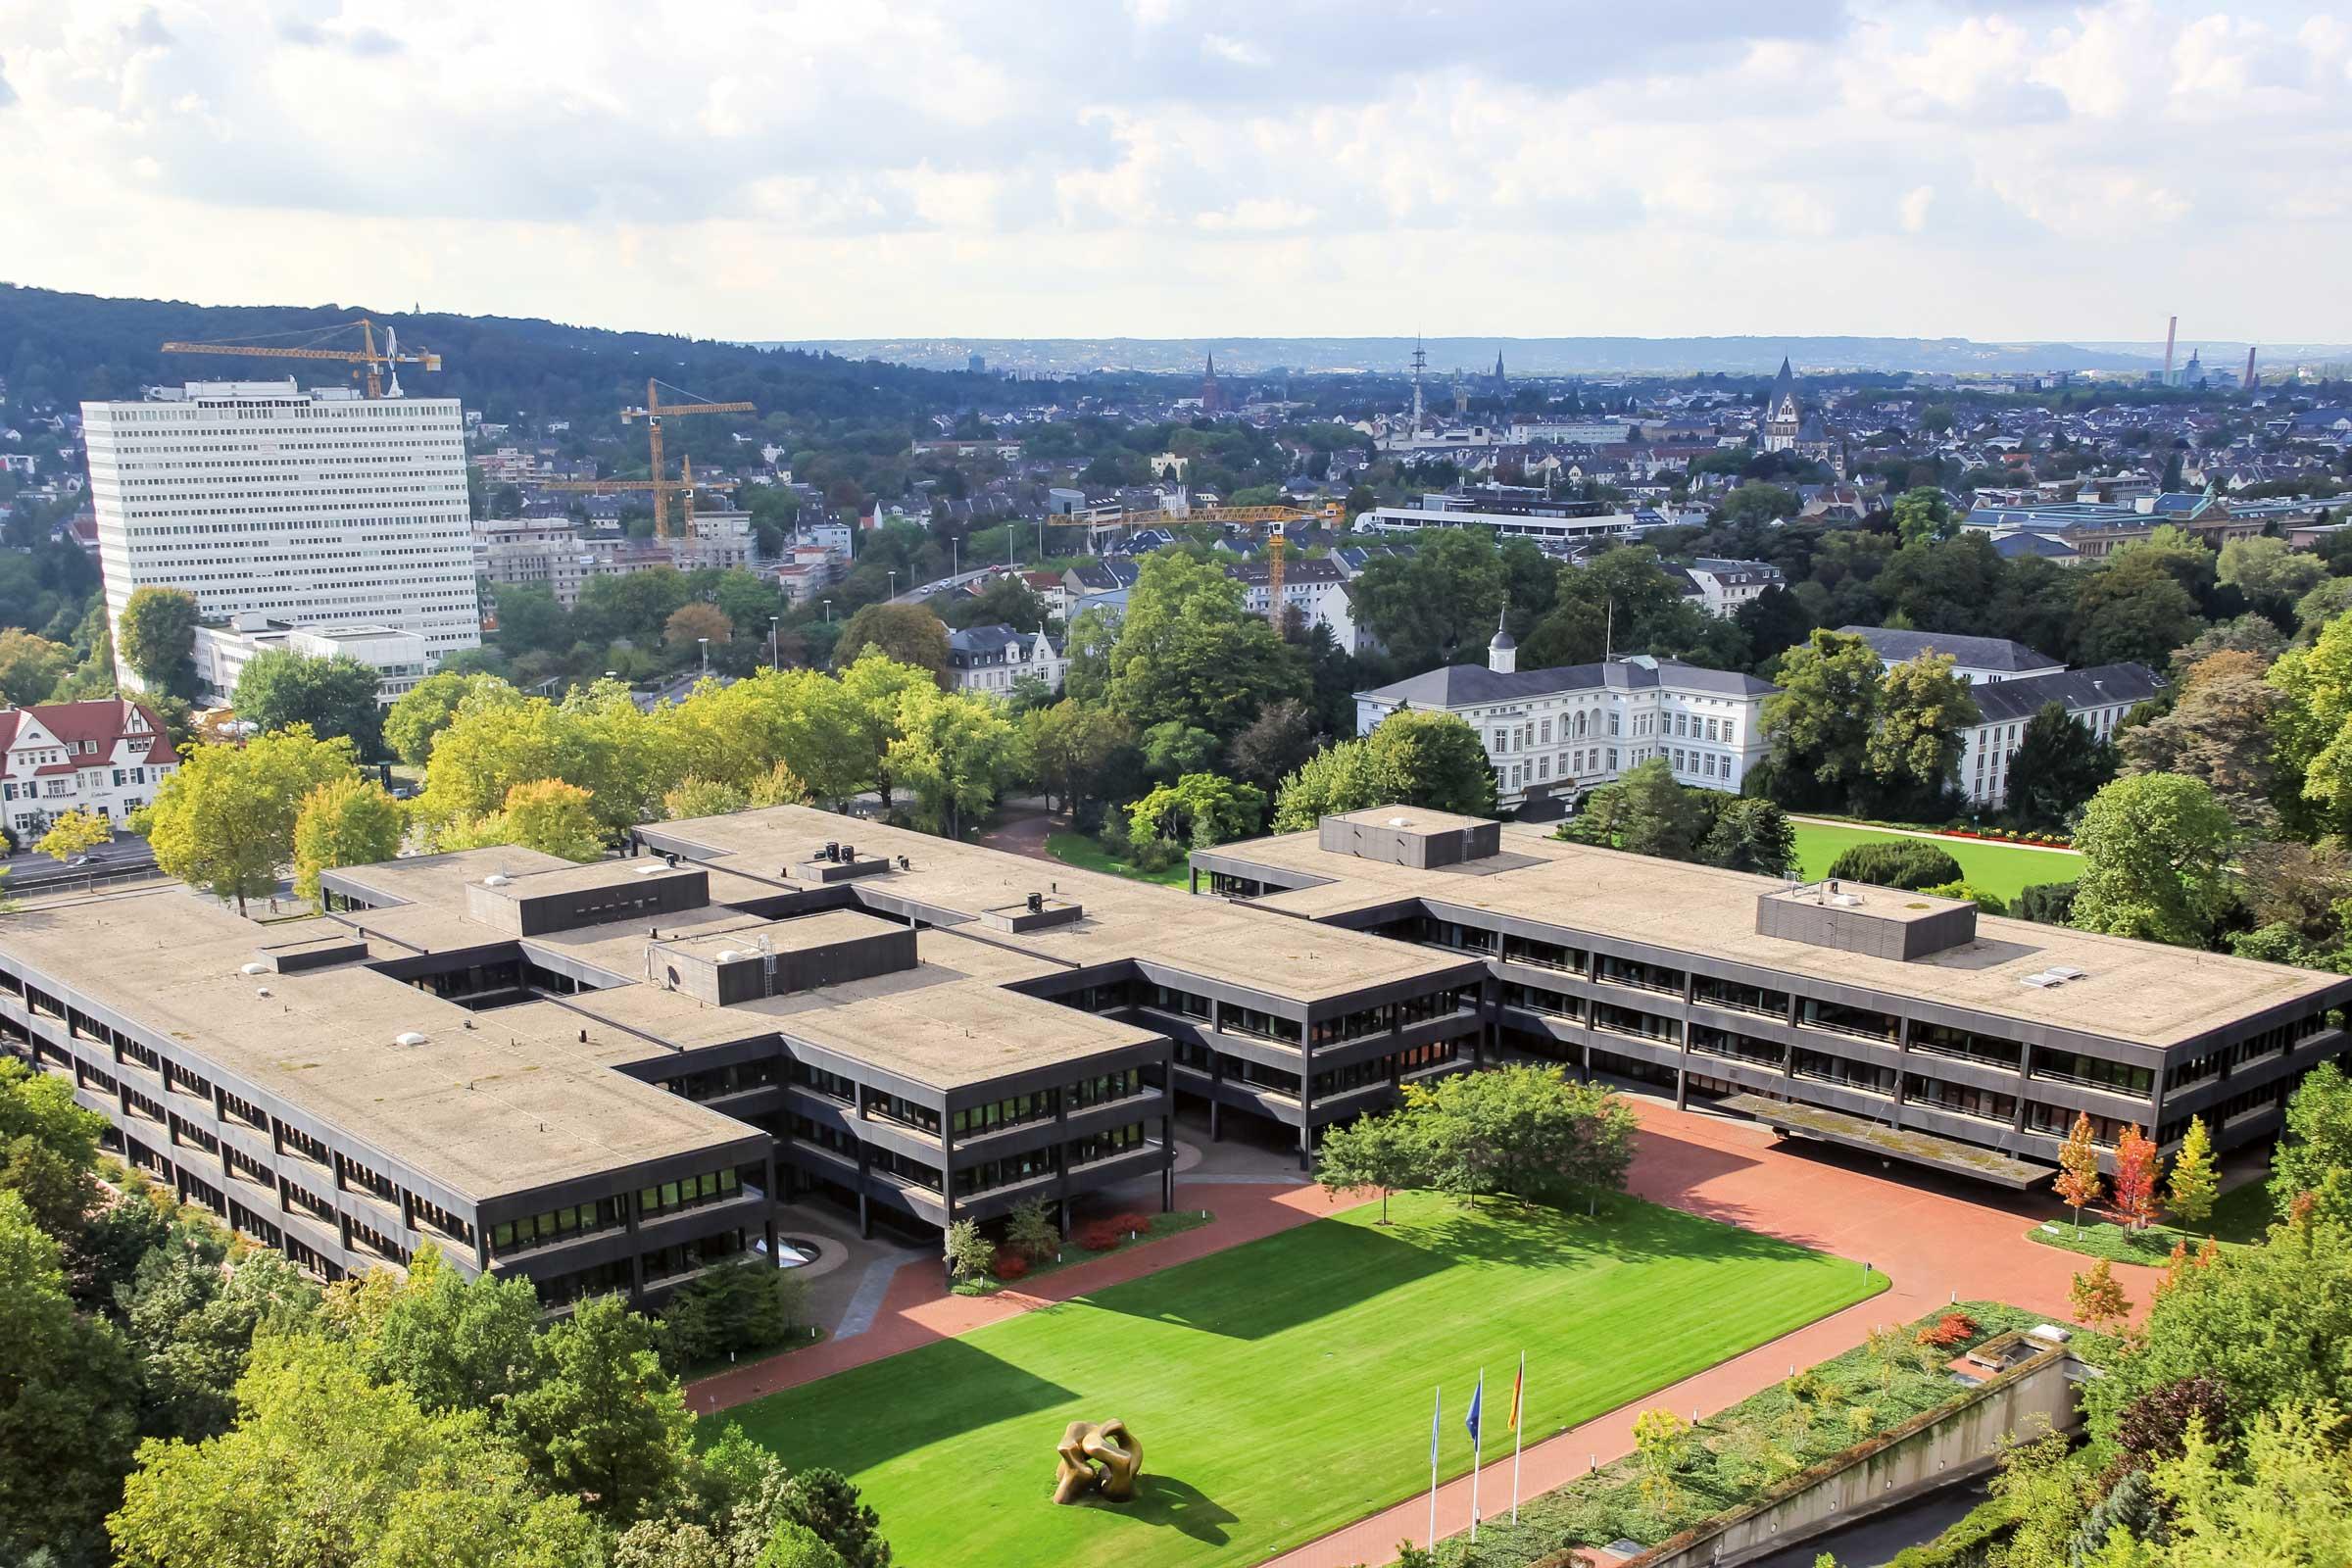 Das ehemalige Bundeskanzleramt in Bonn. Die Aufnahme stammt vom 3. Oktober 2016. Foto: © Axel Kirch, CC BY-SA 4.0, Wikimedia Commons